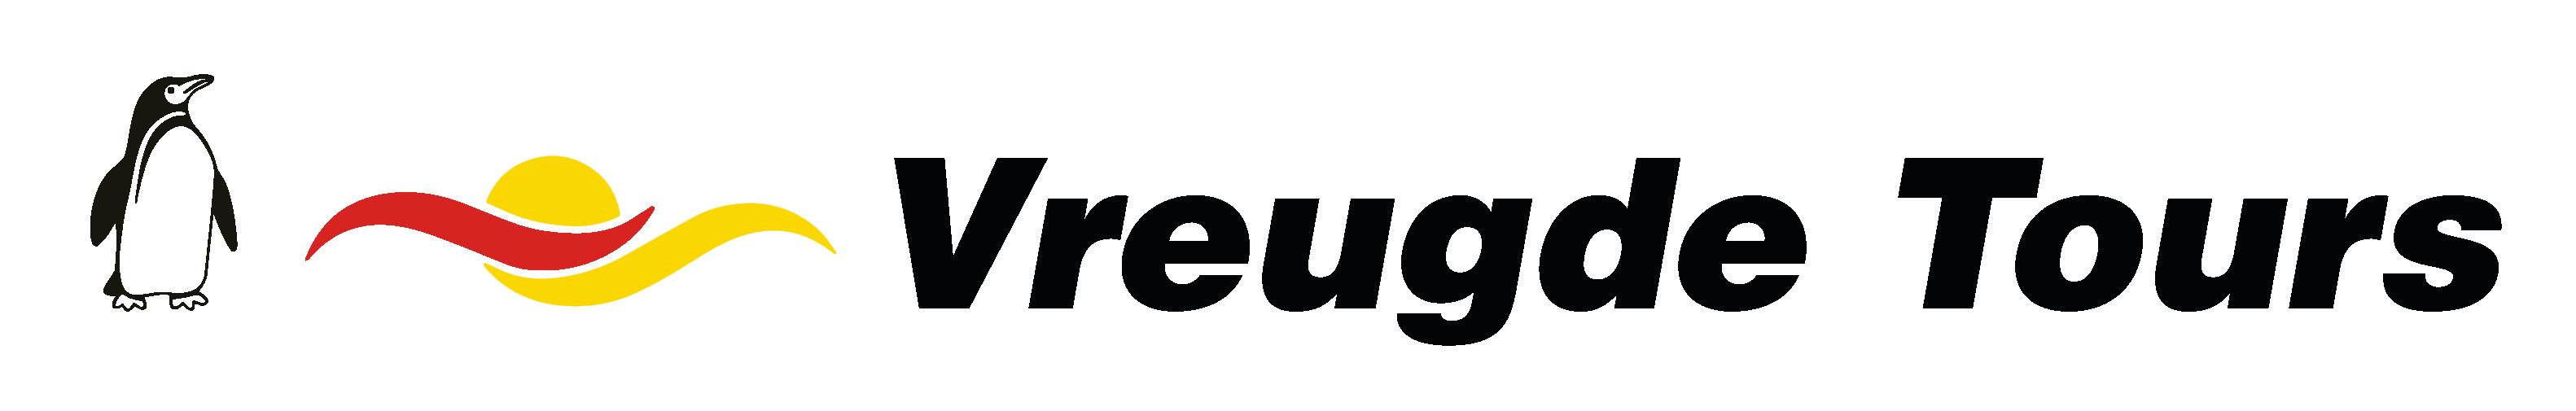 Vreugde Tours Logo